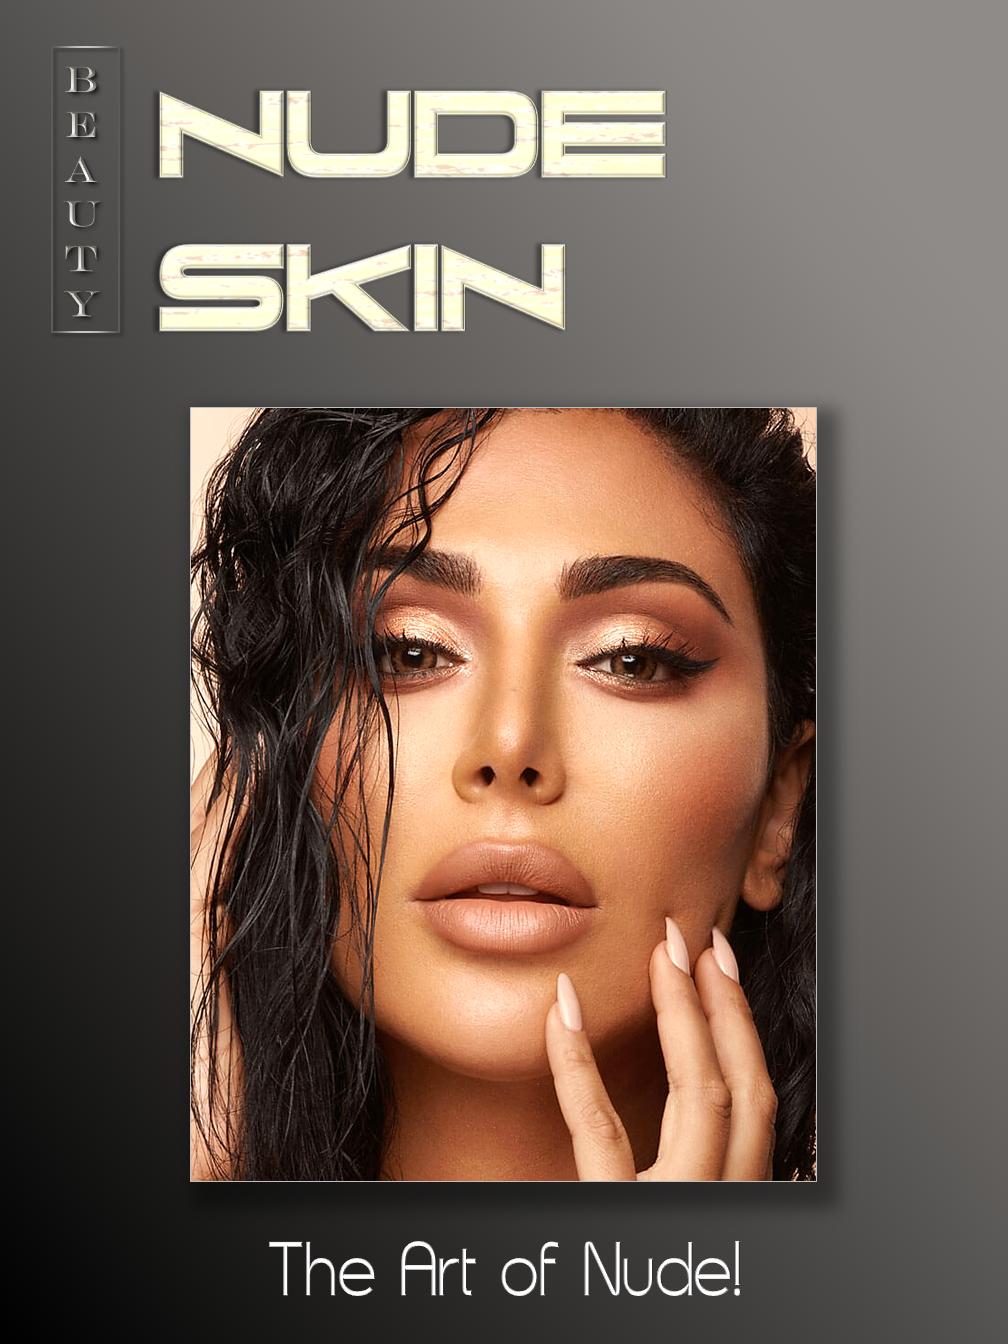 Nude Skin